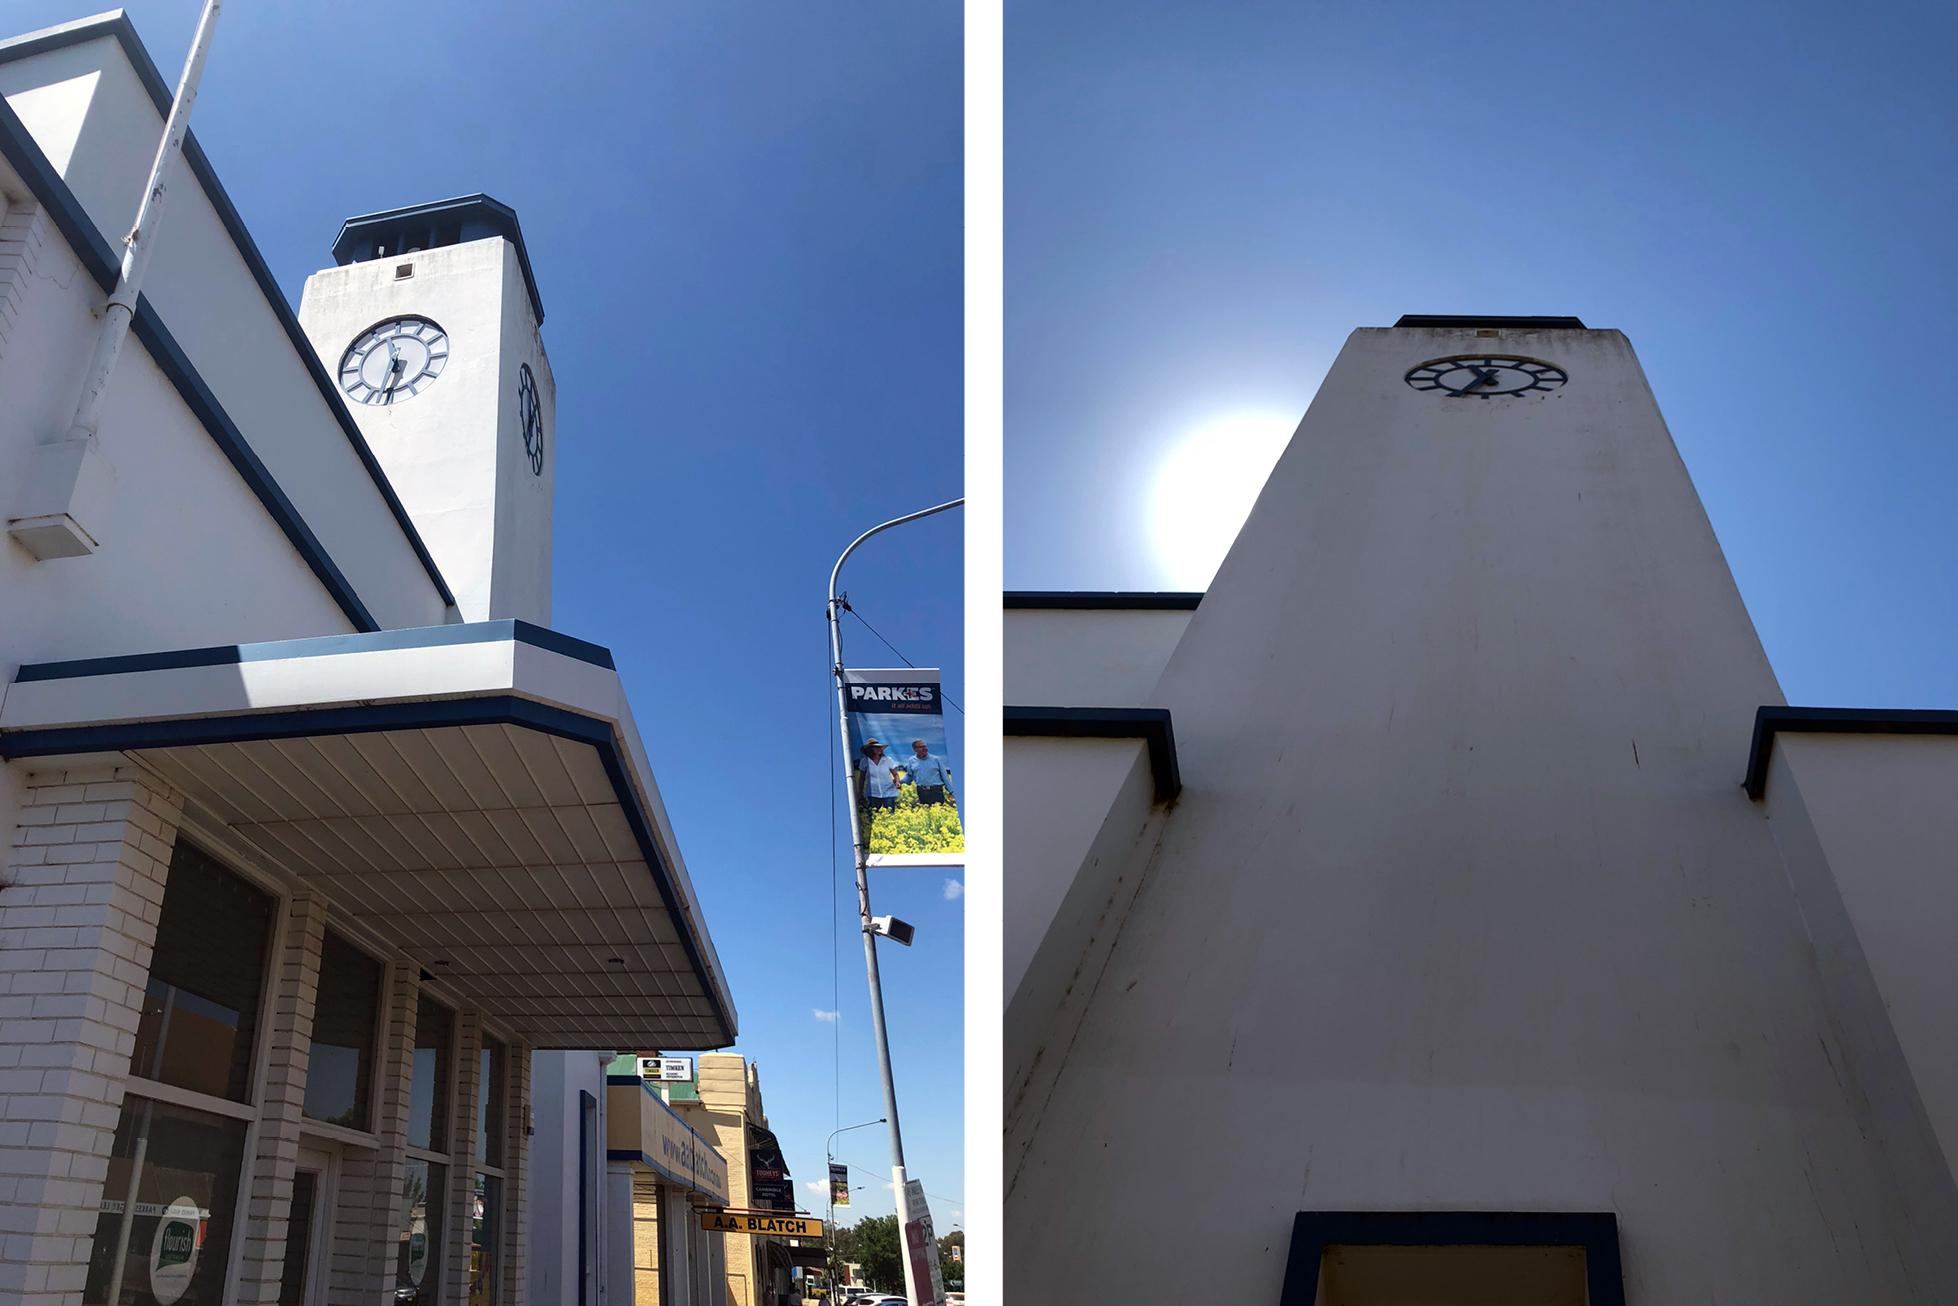 Parkes Council Buidling